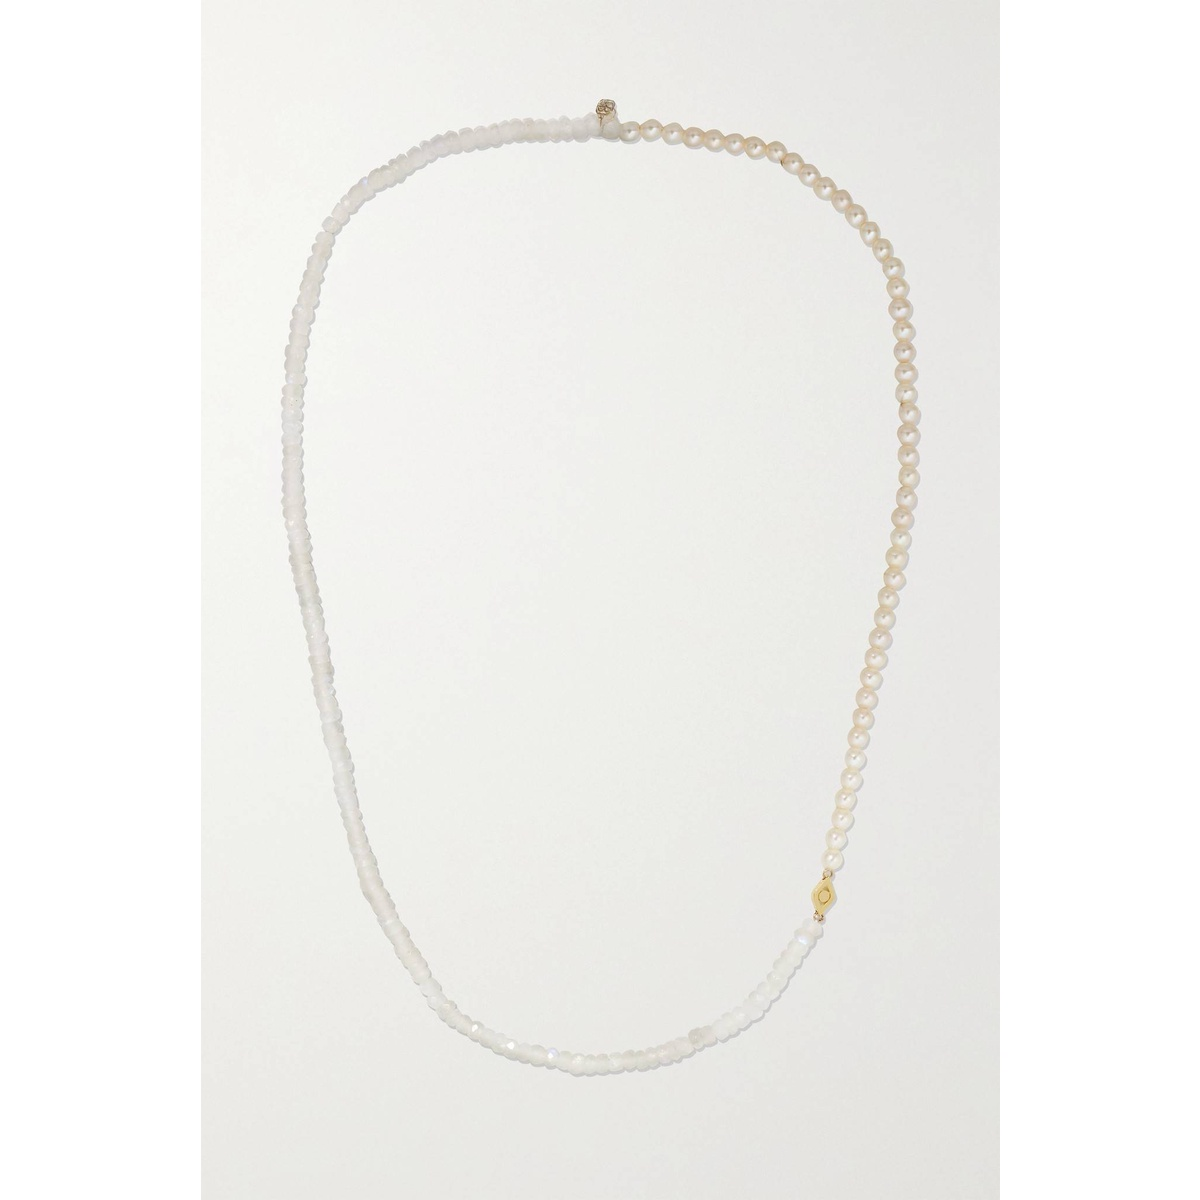 代购Sydney Evan 14K 黄金月长石珍珠项链女士2021新款奢侈品